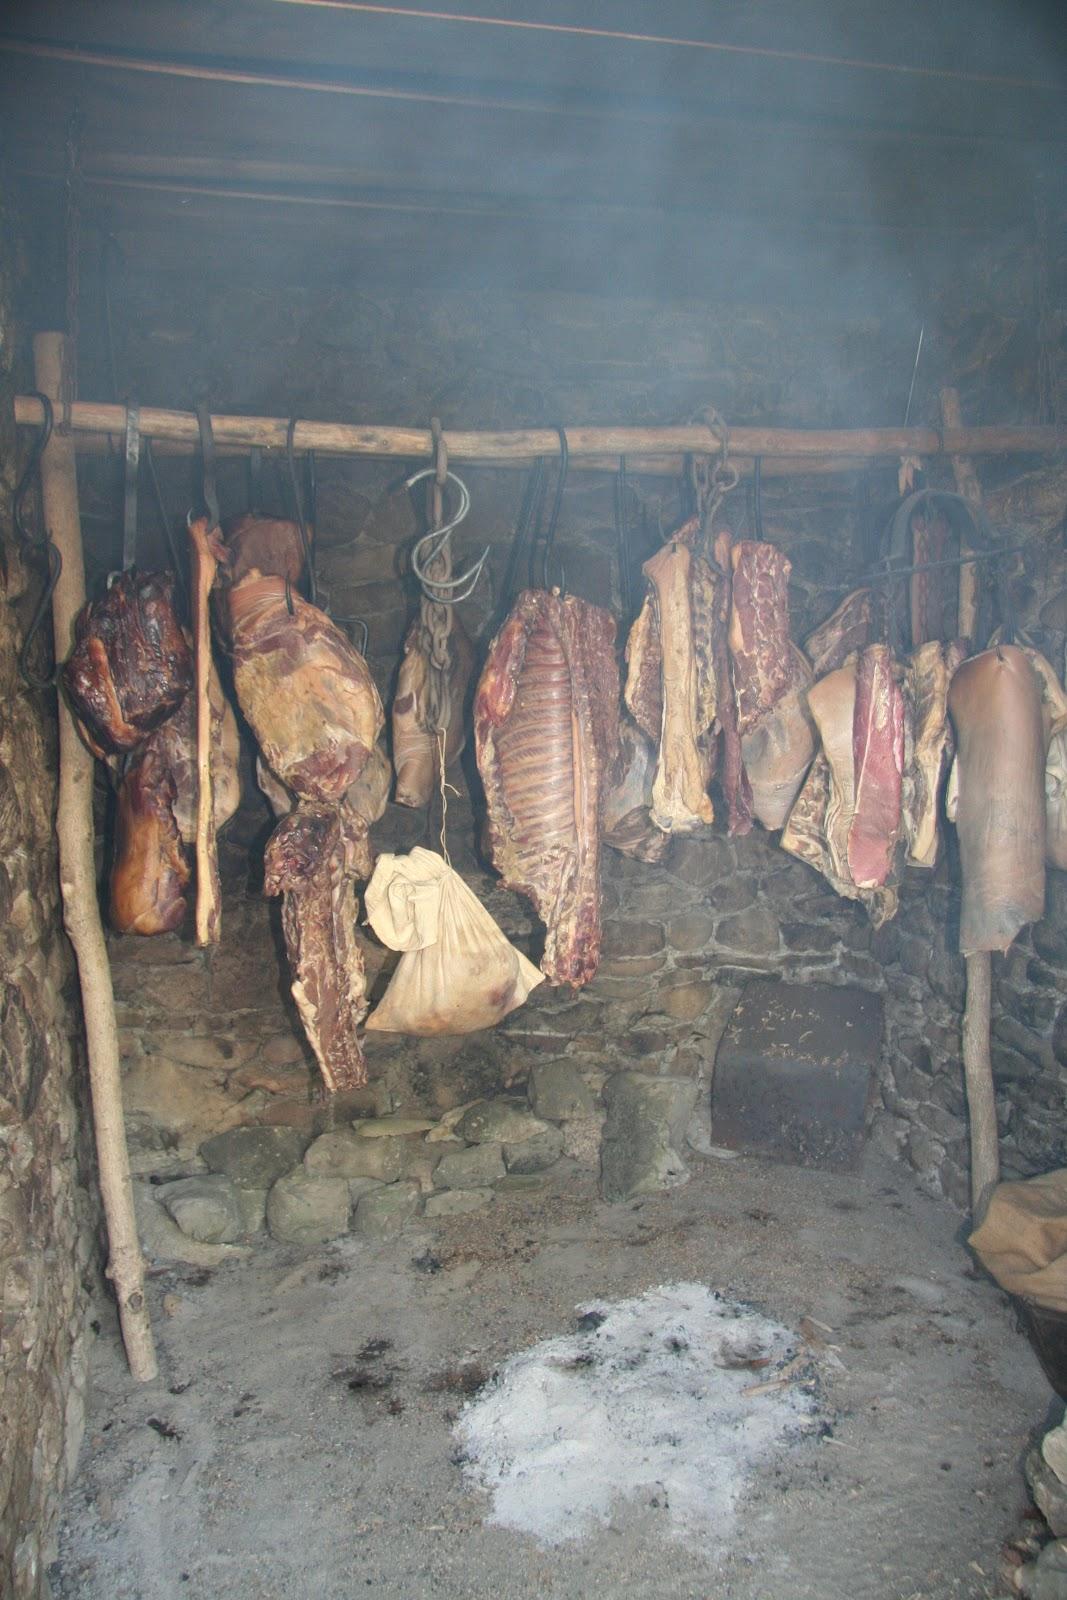 http://1.bp.blogspot.com/-ZrnK19gKSBk/T70bJ44yGnI/AAAAAAAAAwA/7Br_JgnfMfo/s1600/Smoke%2BHouse%2Binterior.jpg